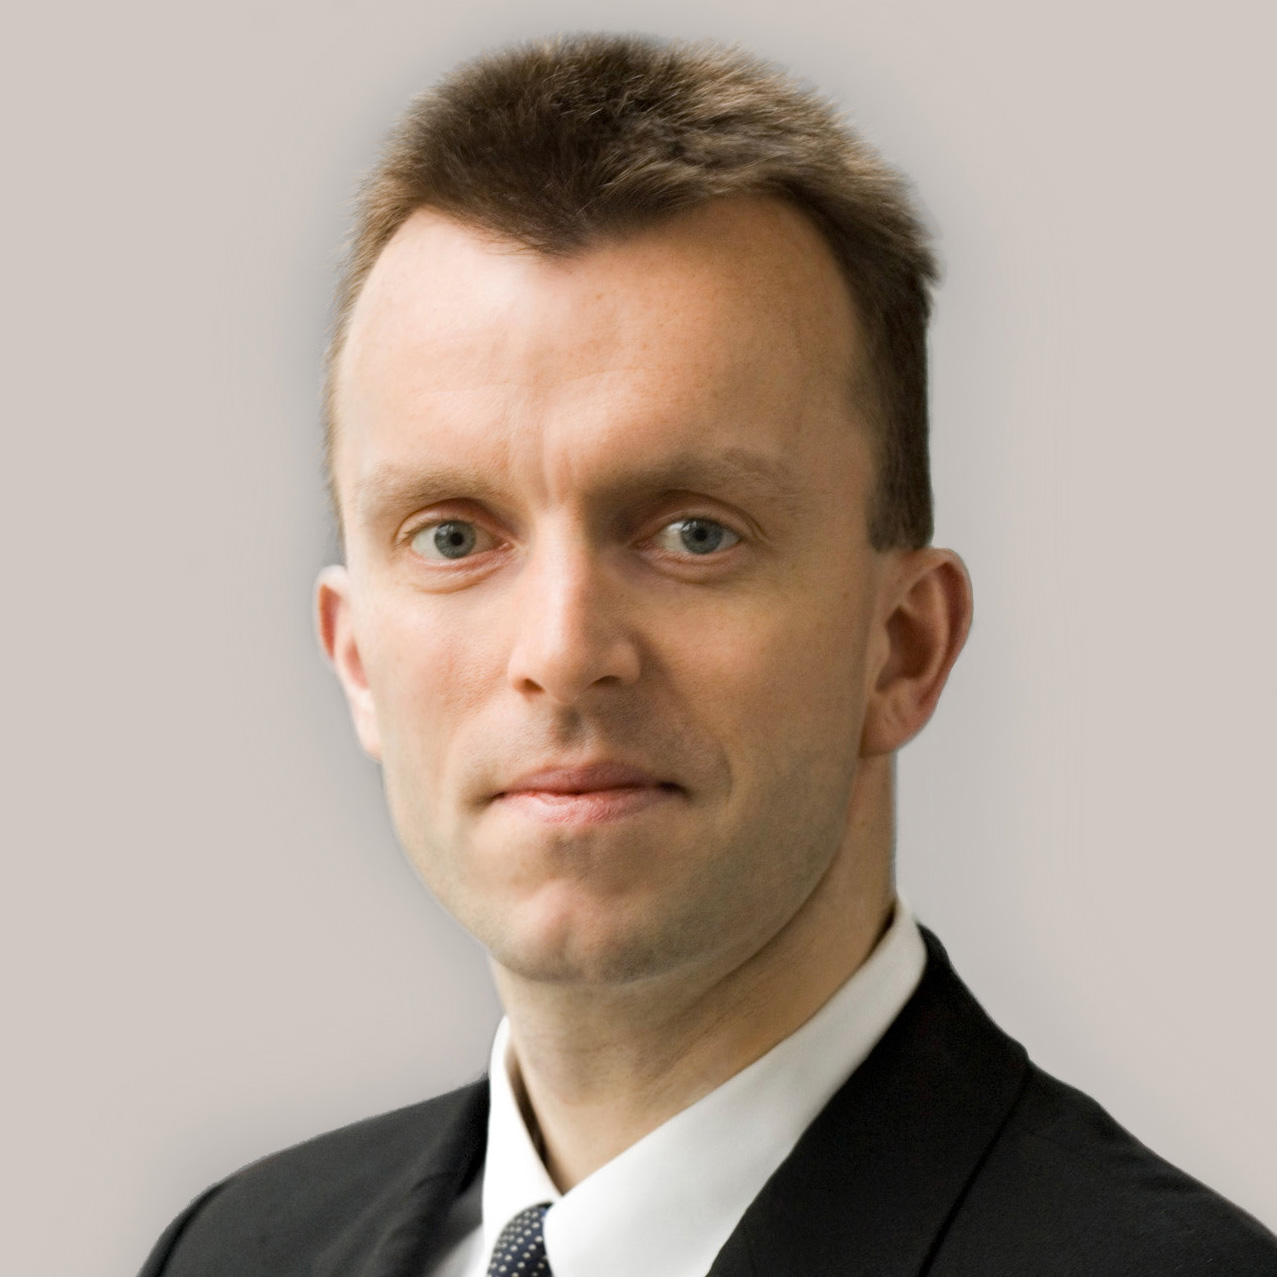 Jacob Funk Kirkegaard